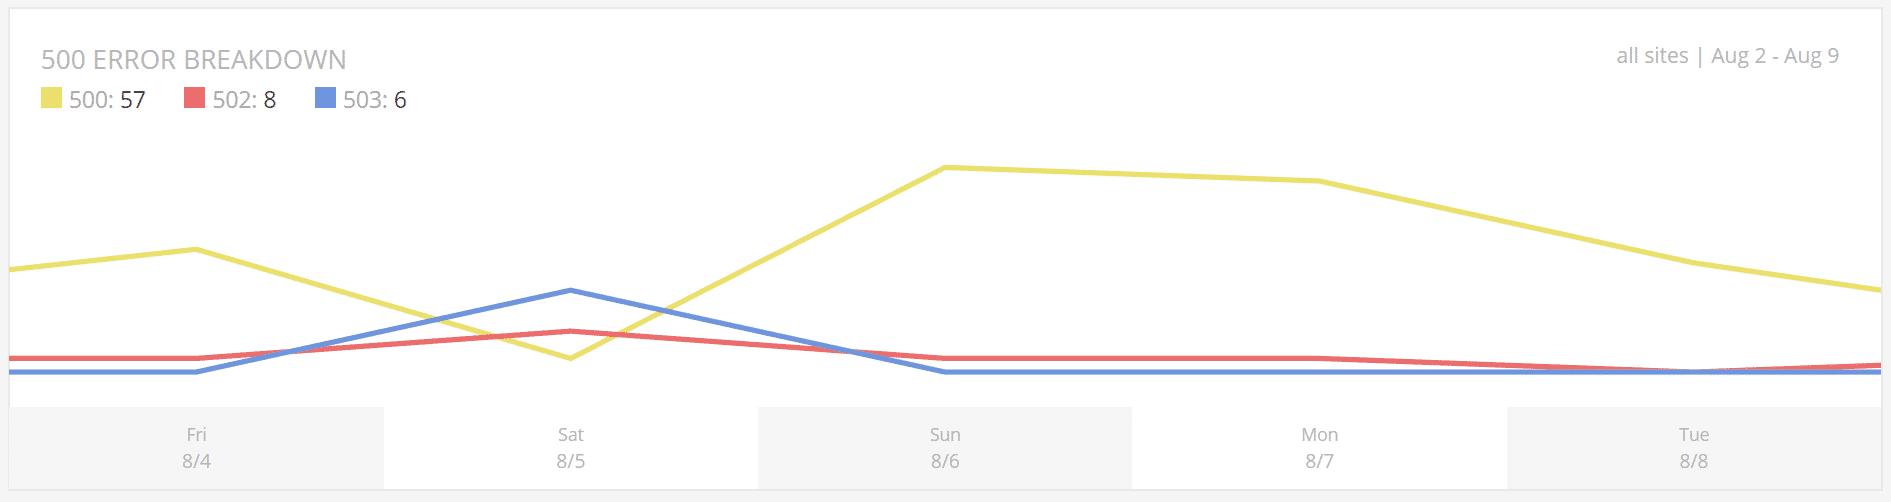 Analyse de la répartition des erreurs 500